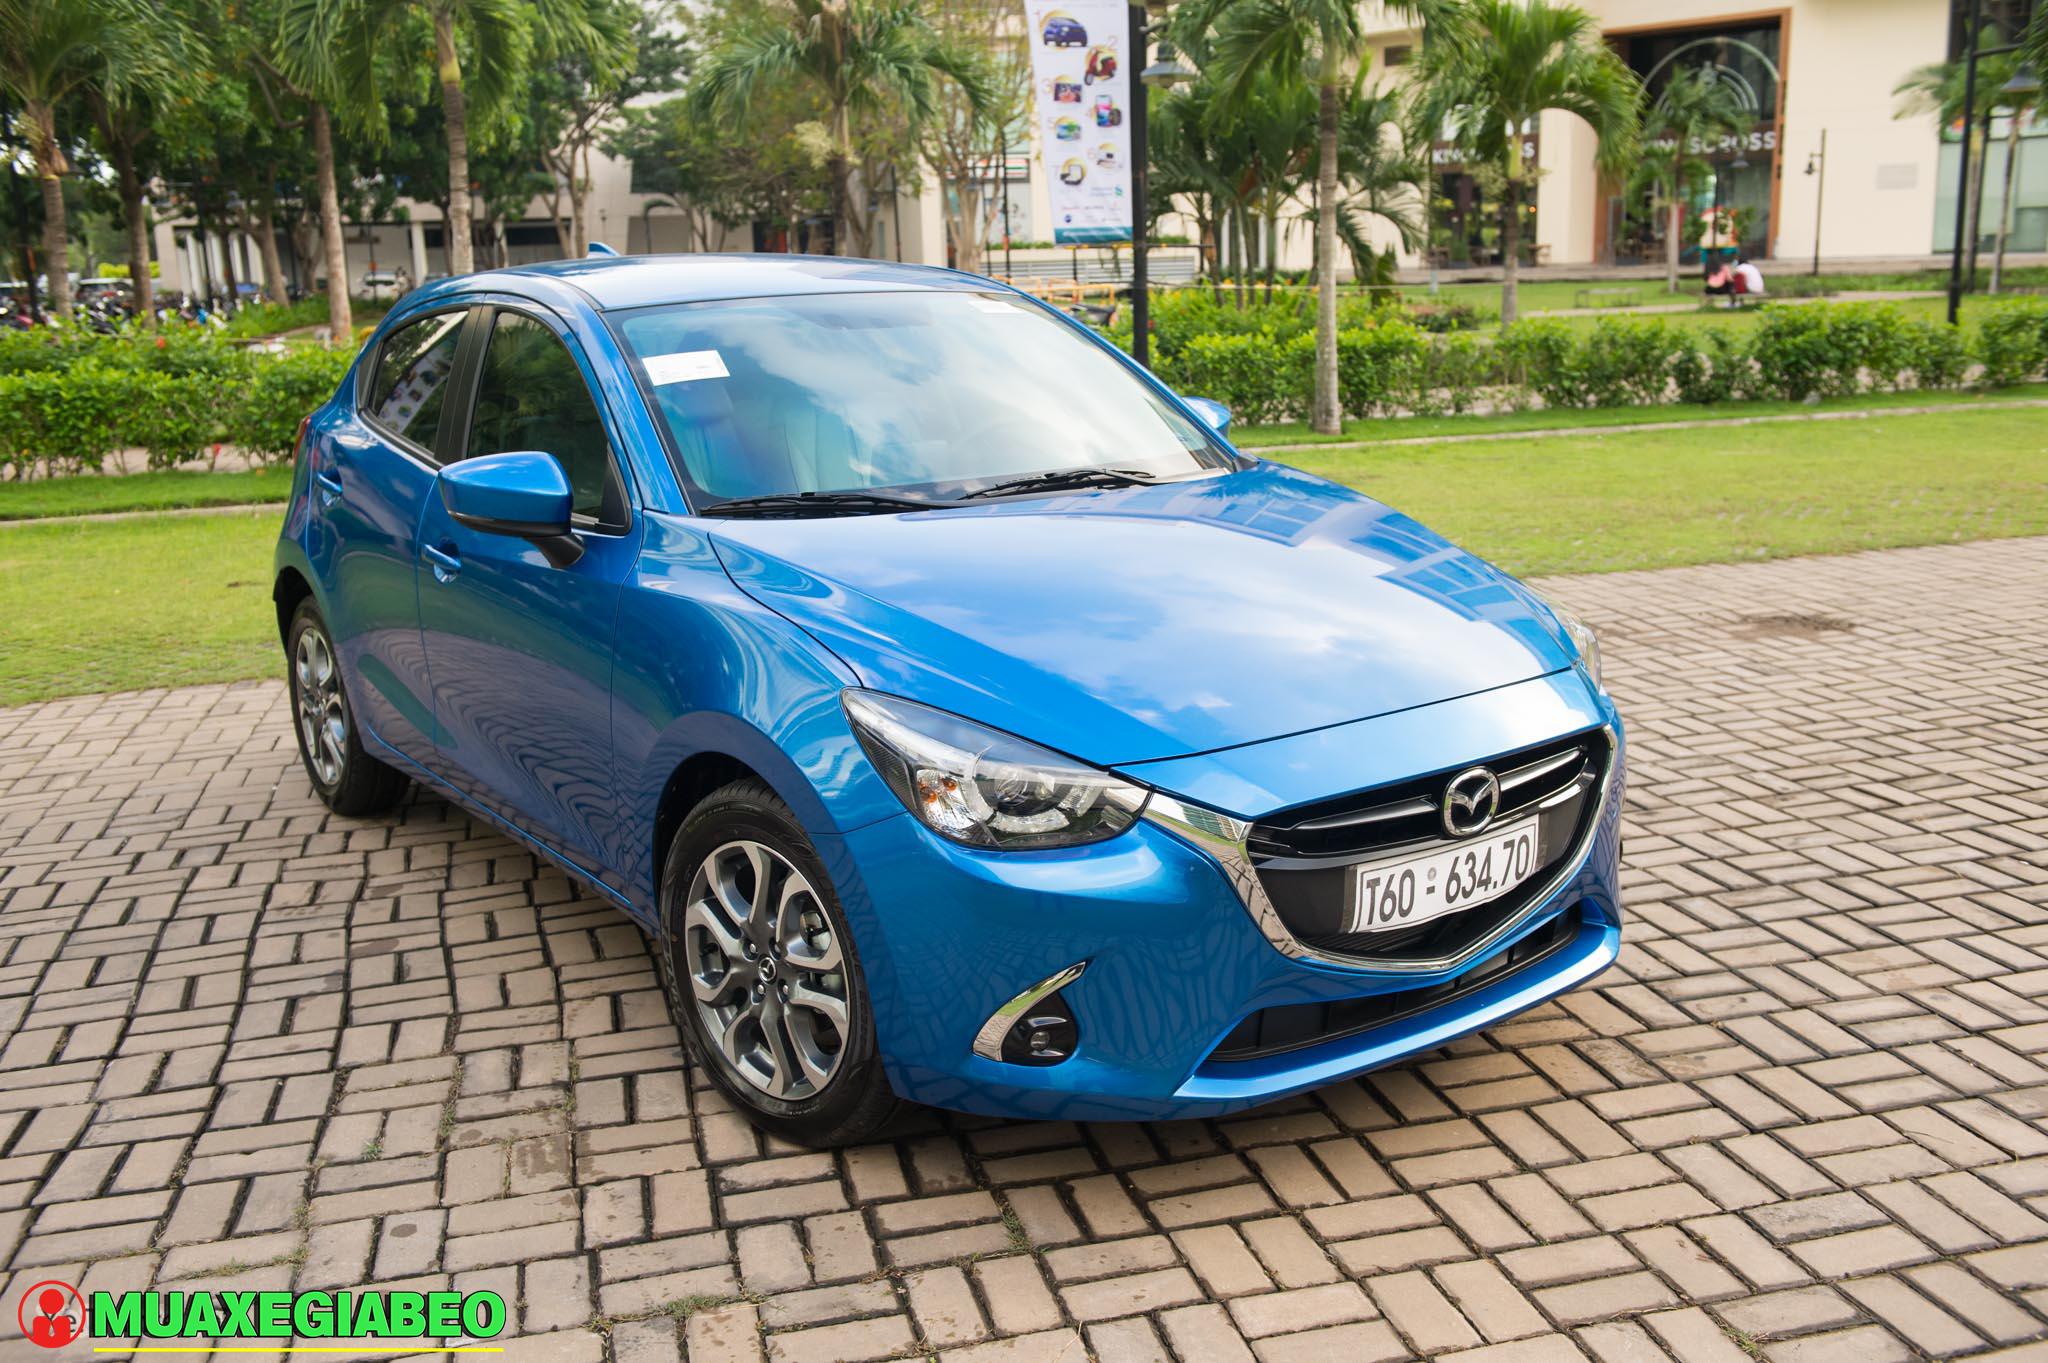 Xe Mazda 2 anh 22 - Mazda 2 [hienthinam]: thông số, giá xe & khuyến mãi tháng [hienthithang]